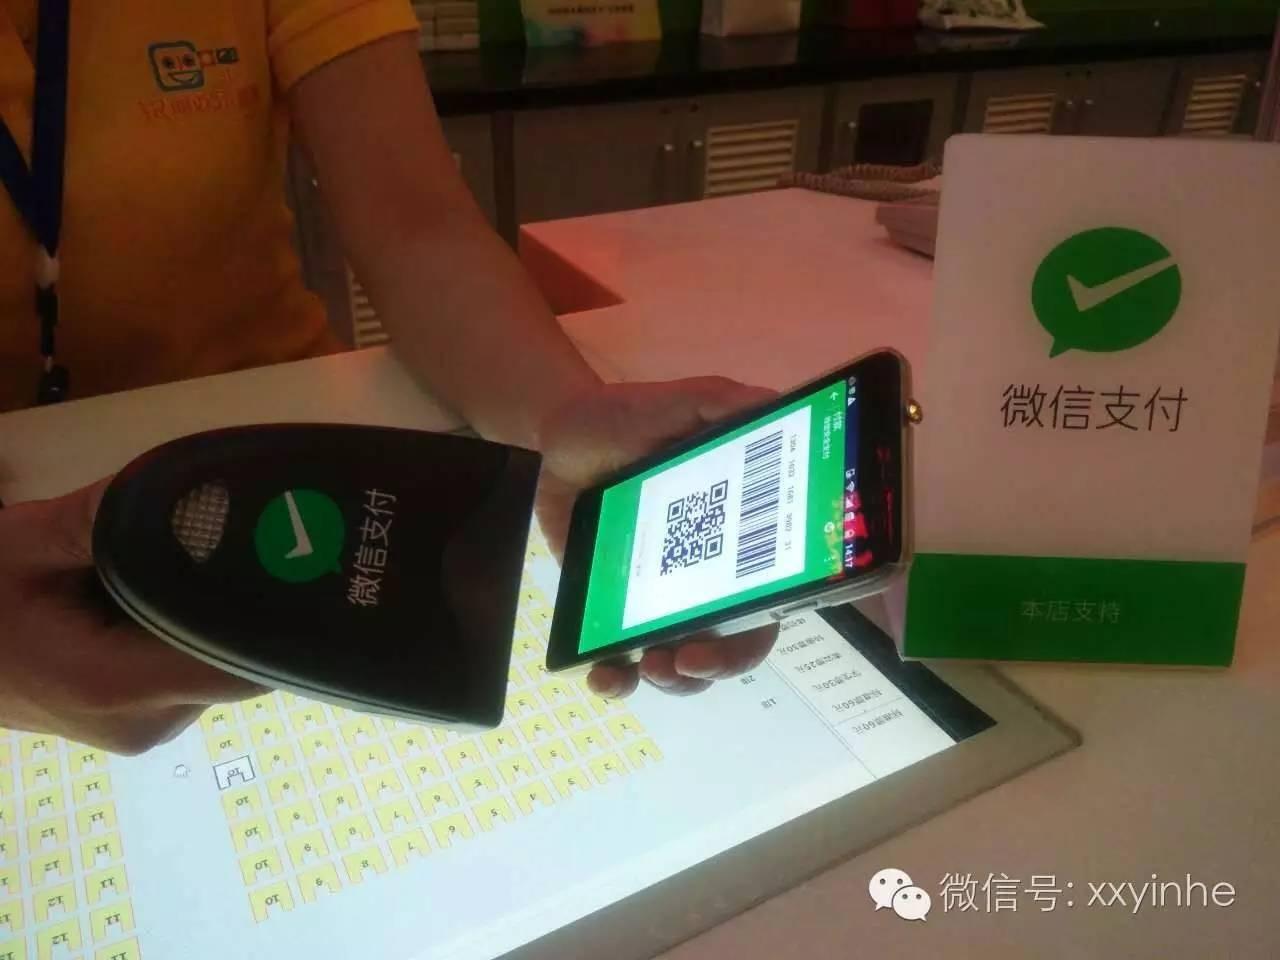 前台购票欢迎使用支付宝微信支付